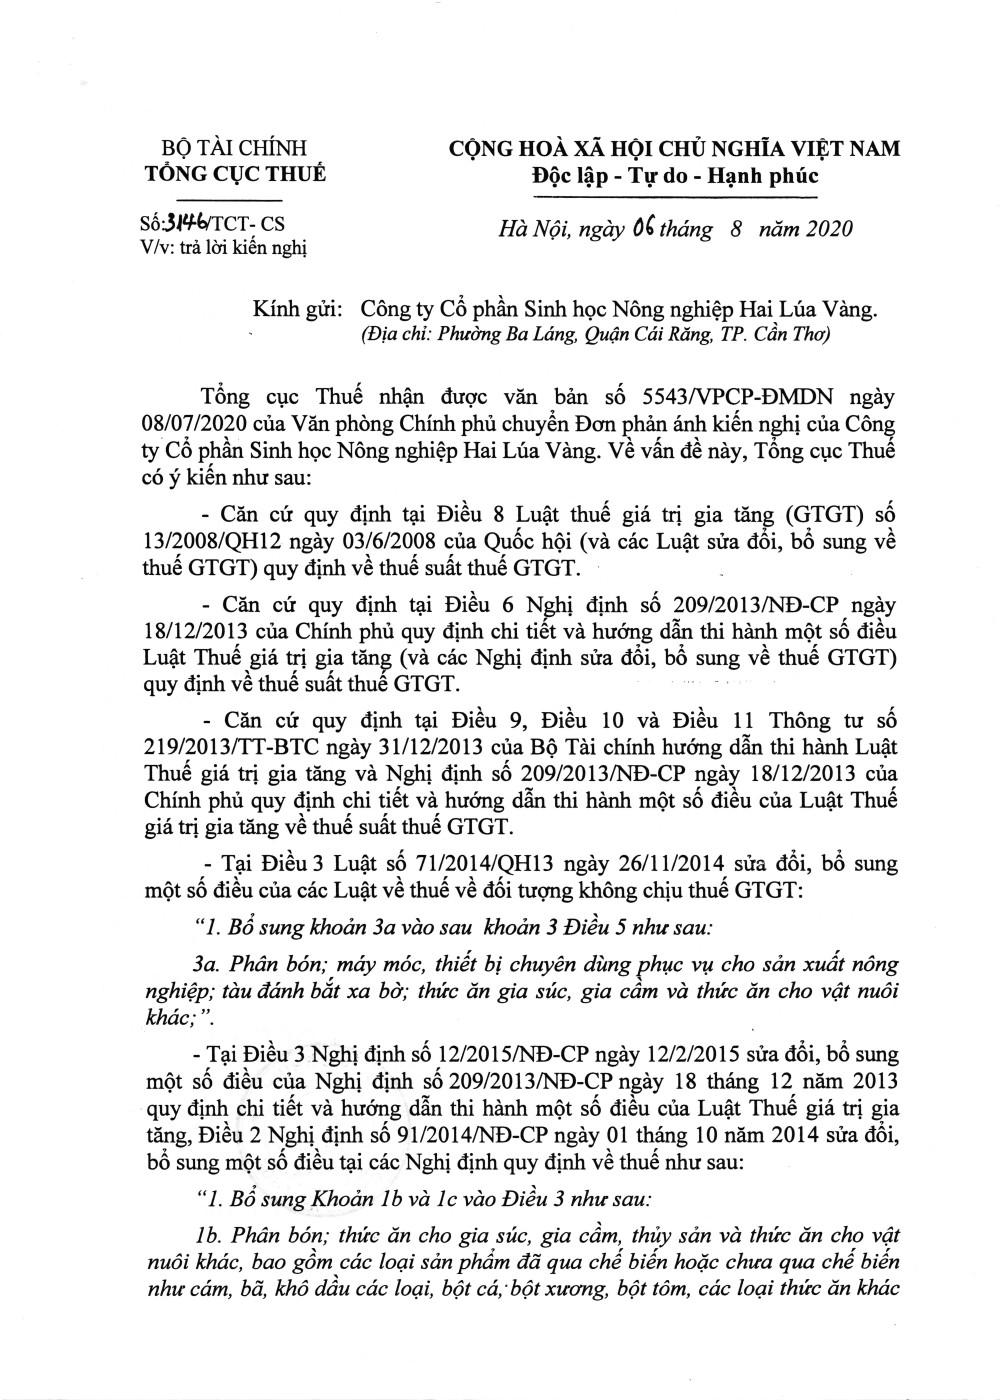 Công văn số 3146/TCT-CS của Tổng cục Thuế ngày 06/08/2020 v/v trả lời kiến nghị